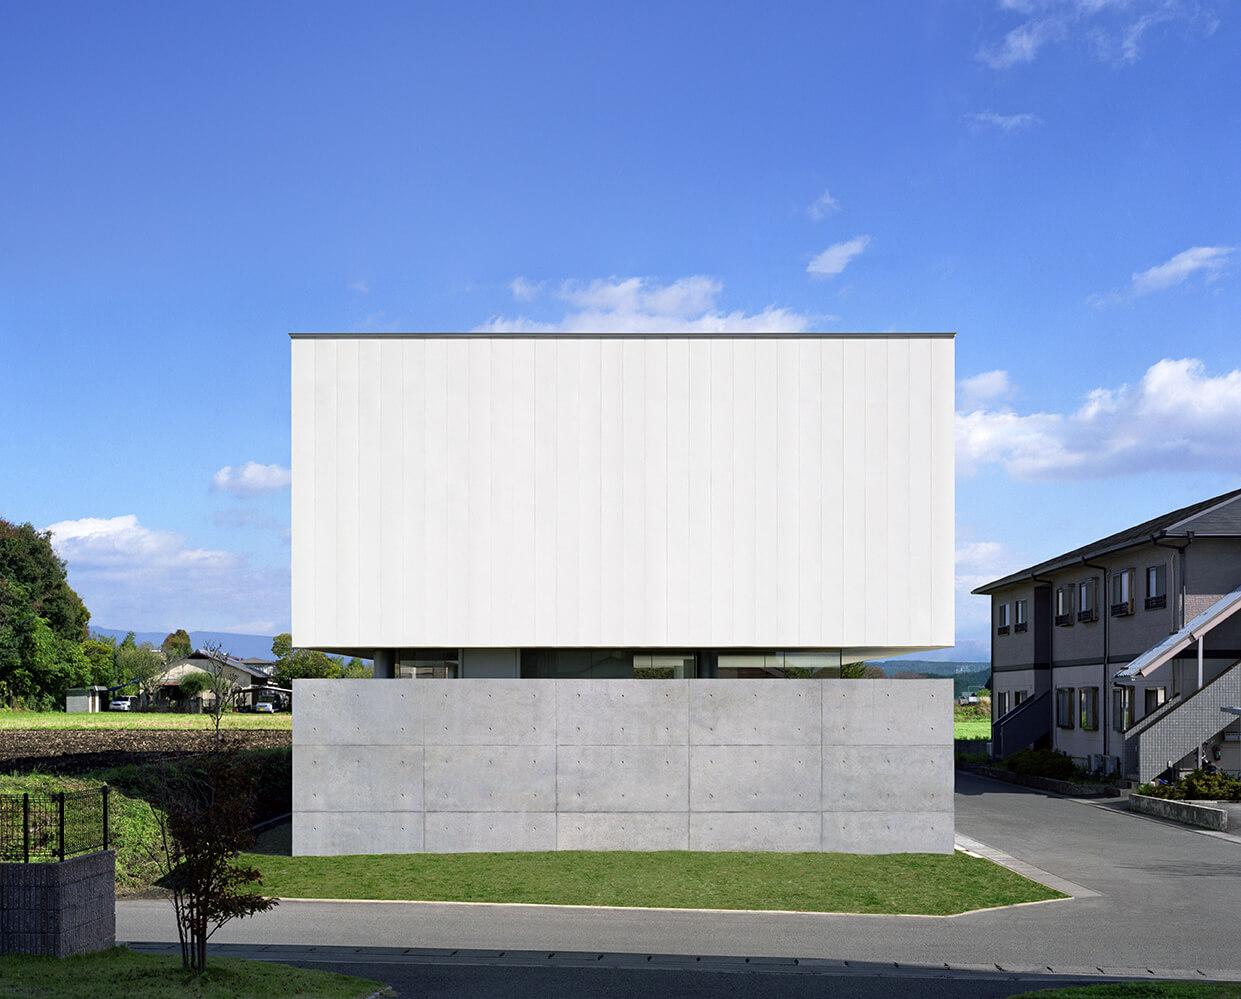 『ユウハウス』-熊本県熊本市-建築写真・竣工写真・インテリア写真2